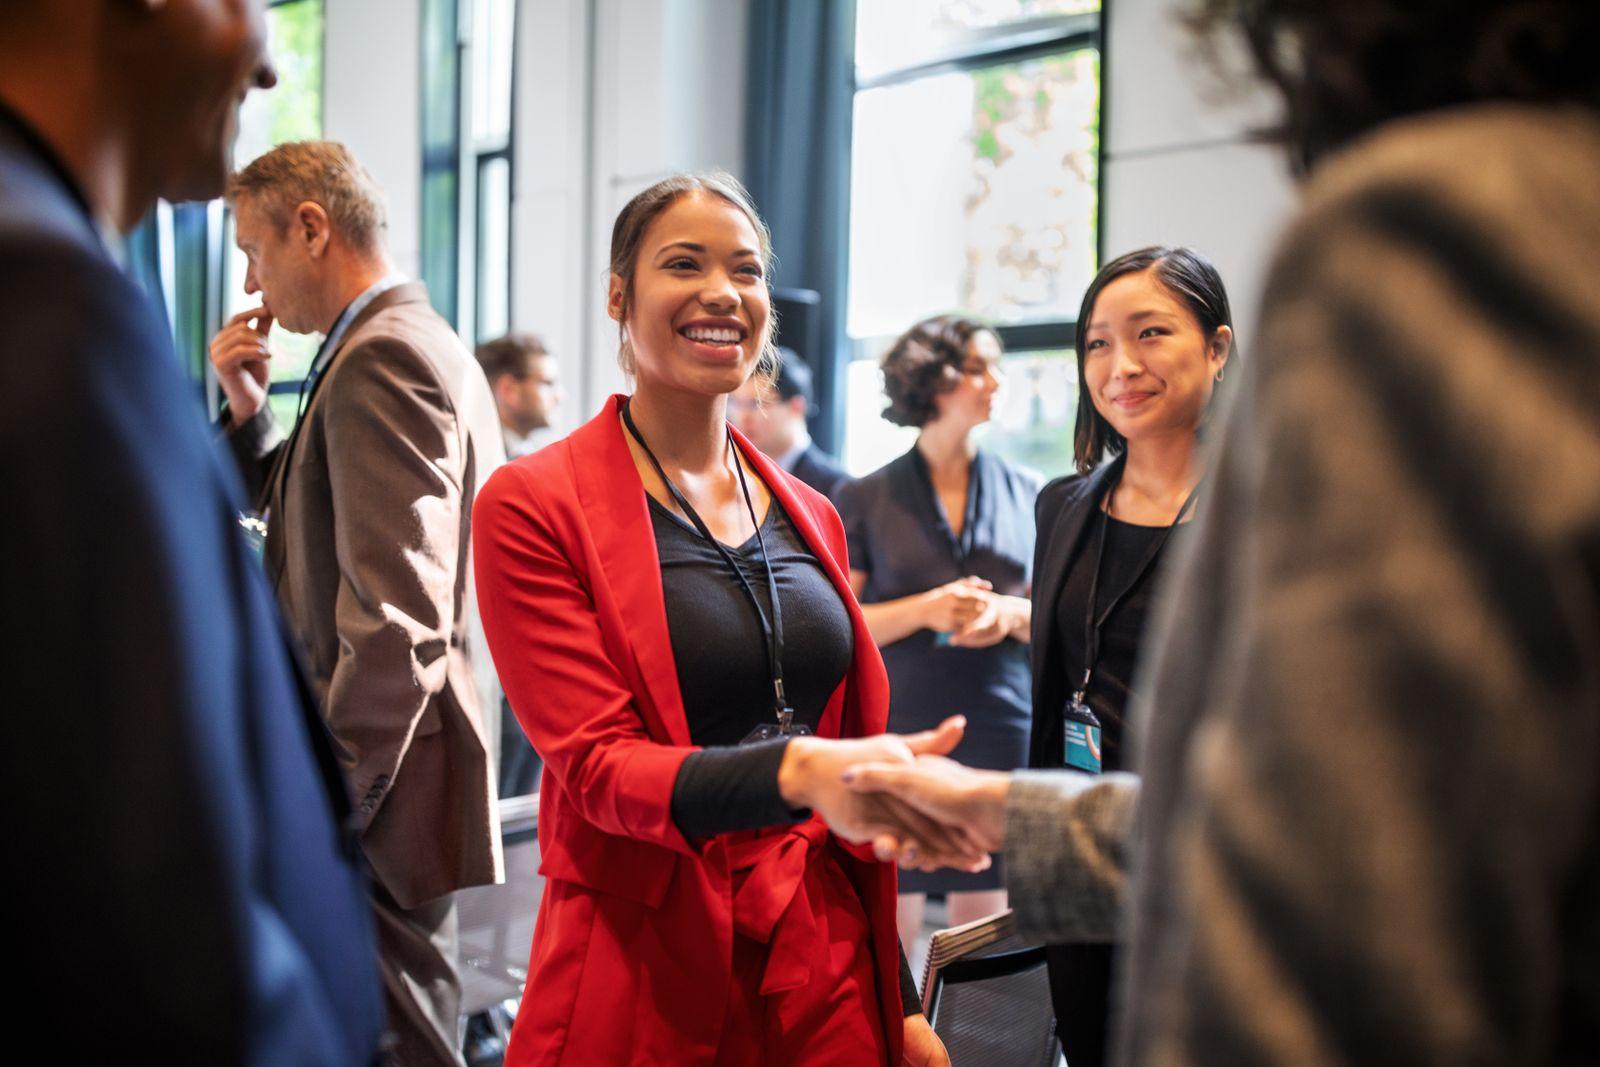 Businesswomen handshaking in auditorium corridor